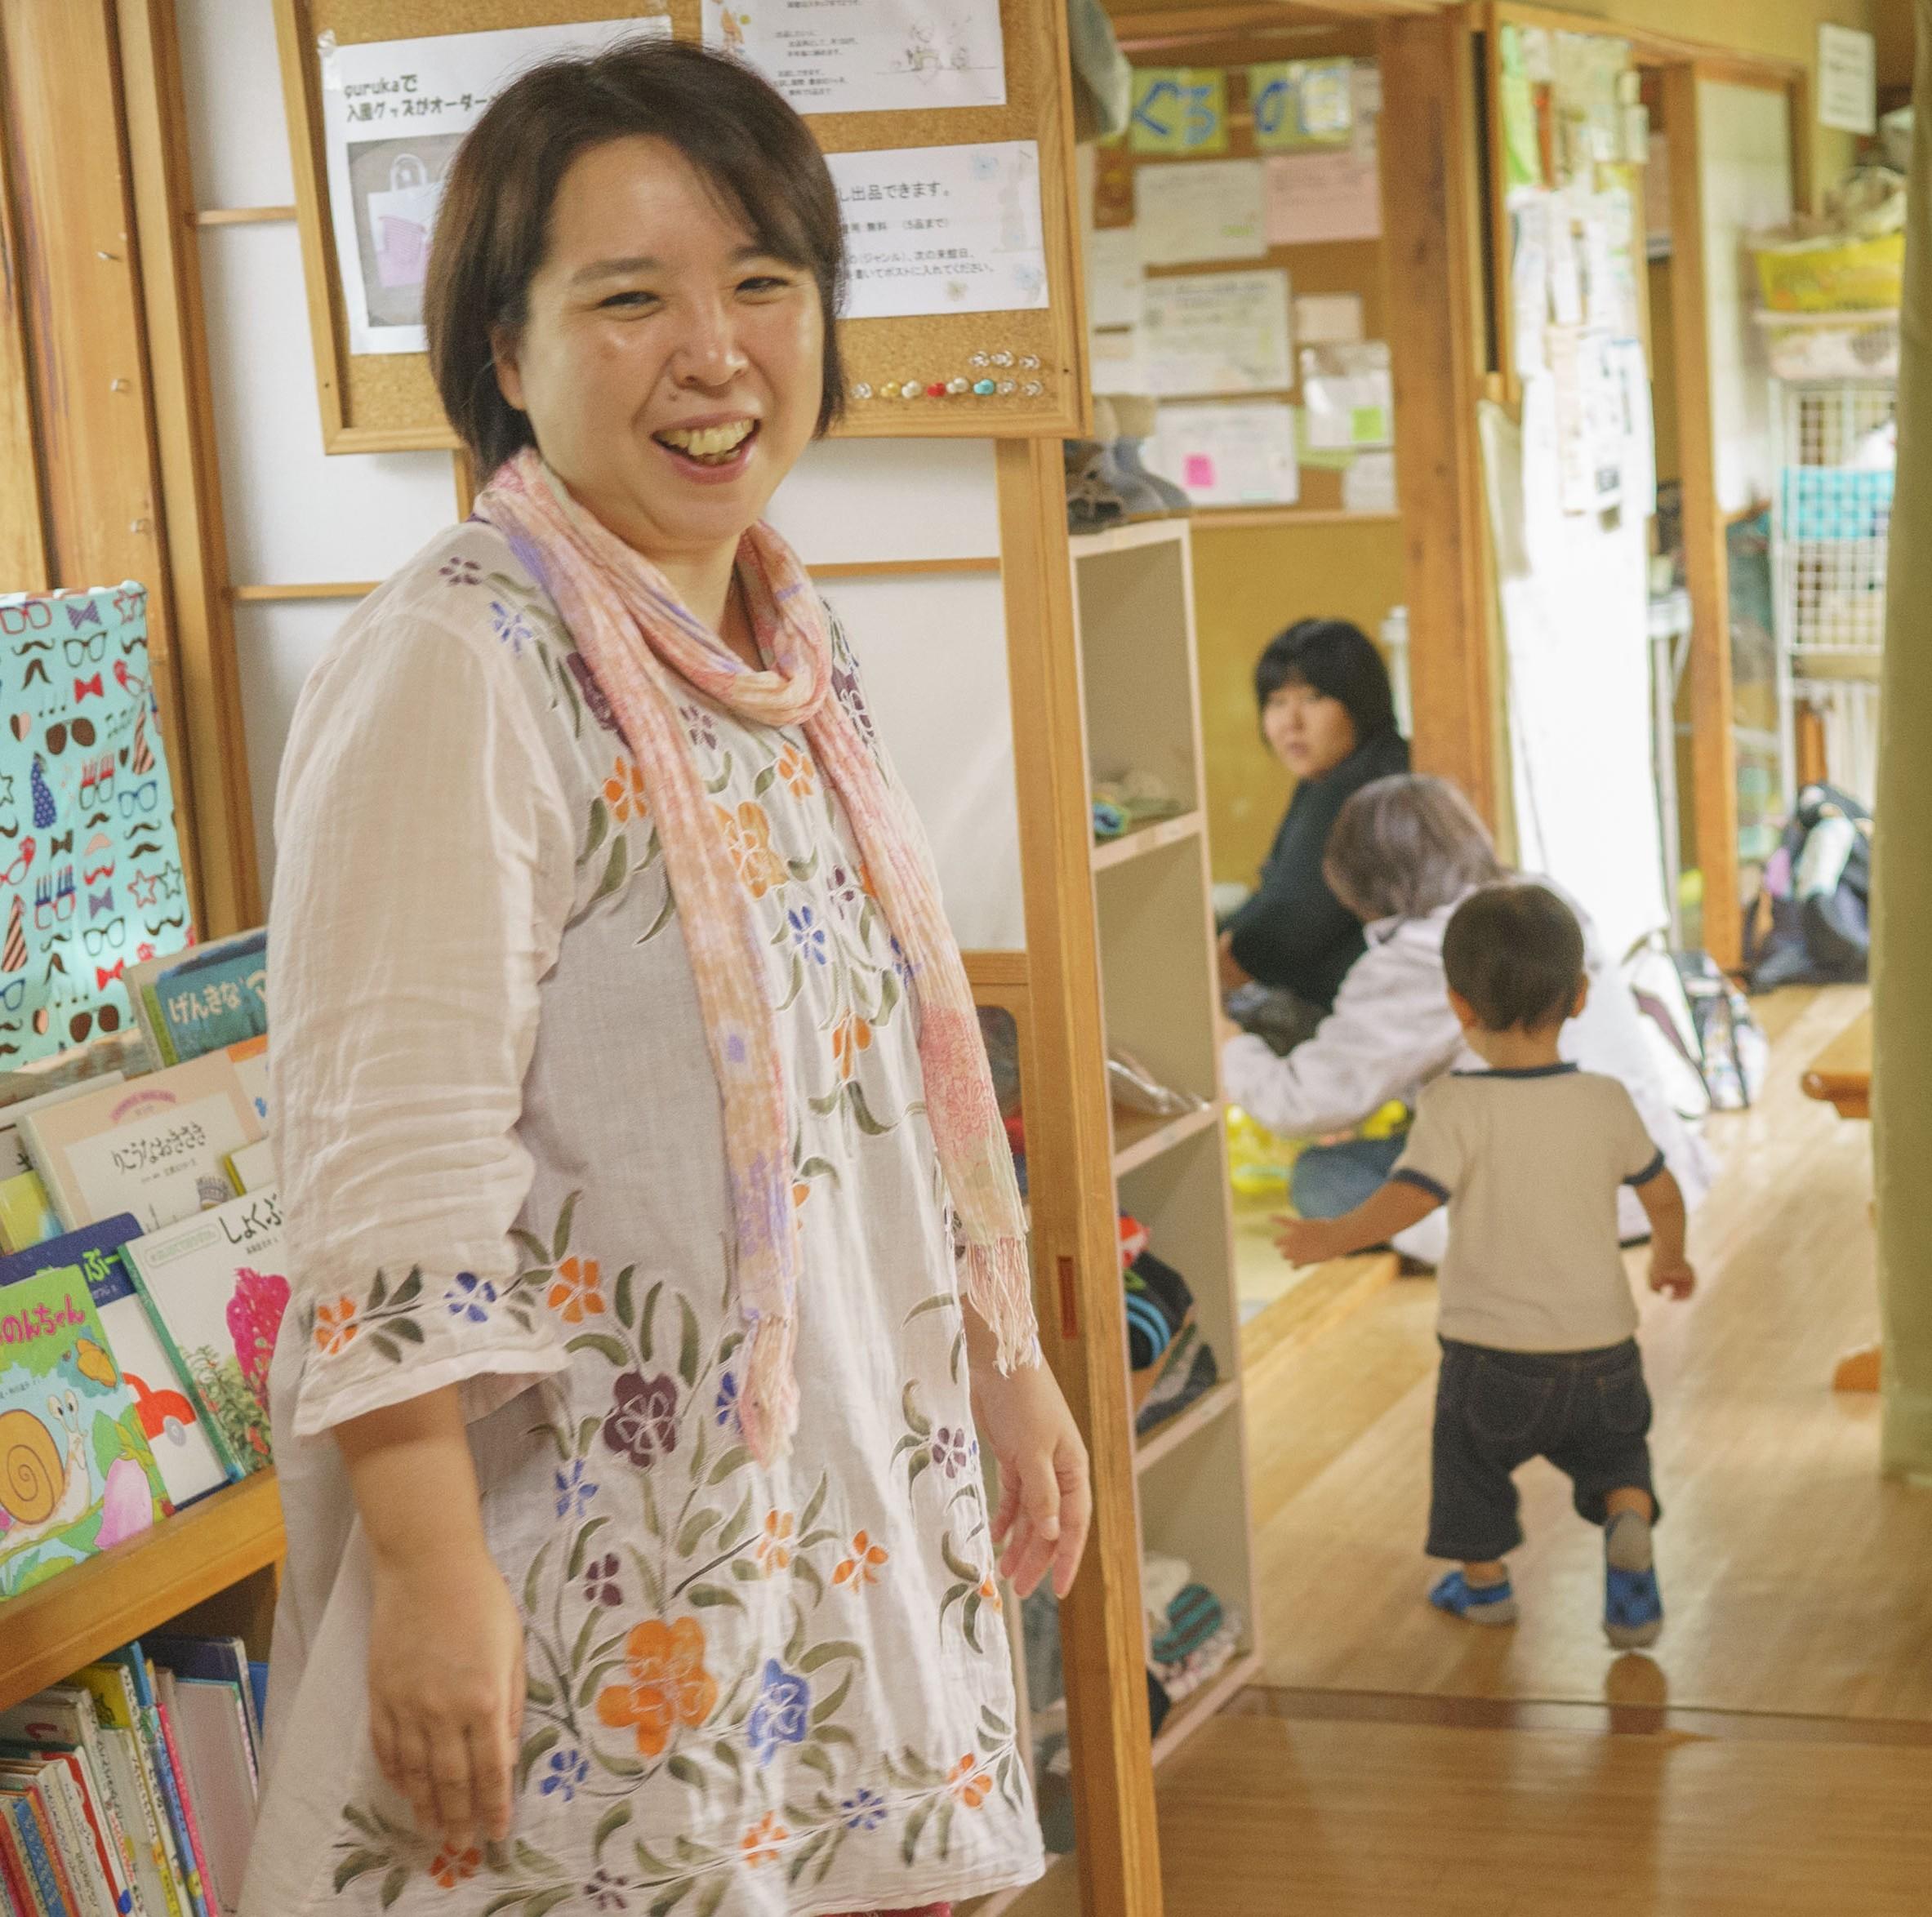 【インタビュー】「ママの心を元気にしたい」子育て応援施設 ドリームハウスの設立者にいろんな話を聞いてきた【後編】